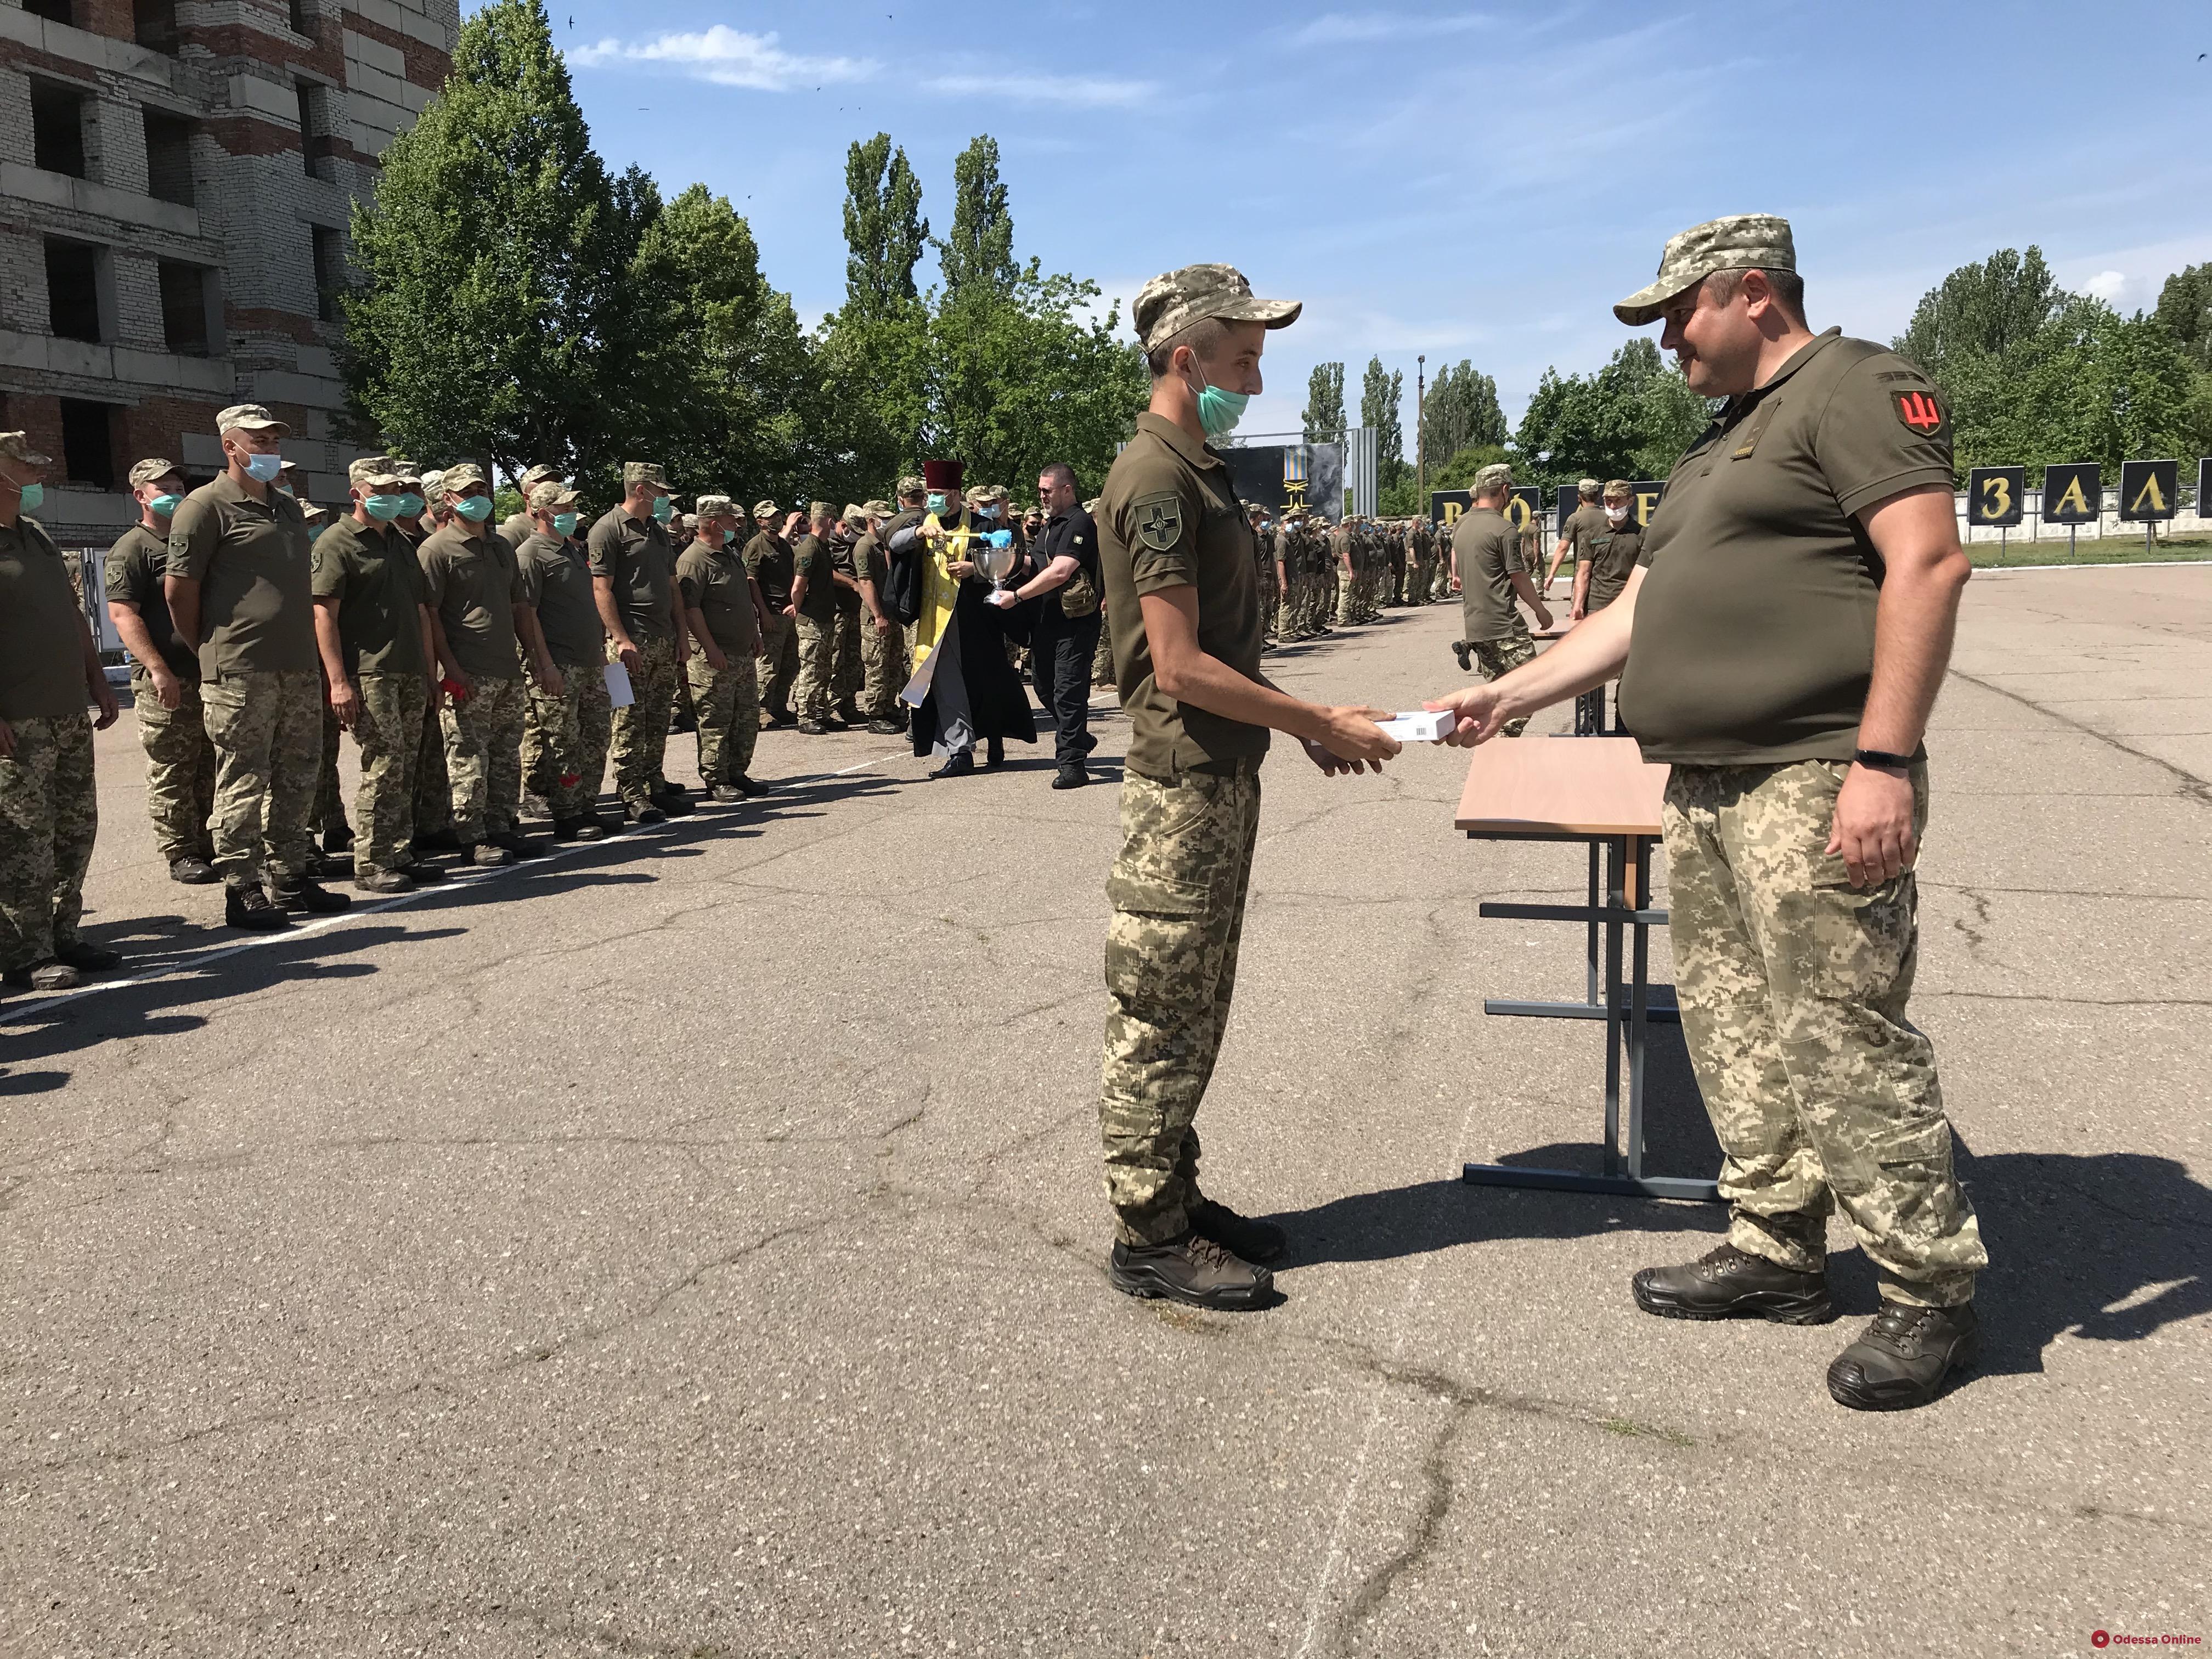 Одесская мехбригада вернулась домой после ротации на Донбассе (фото, видео)